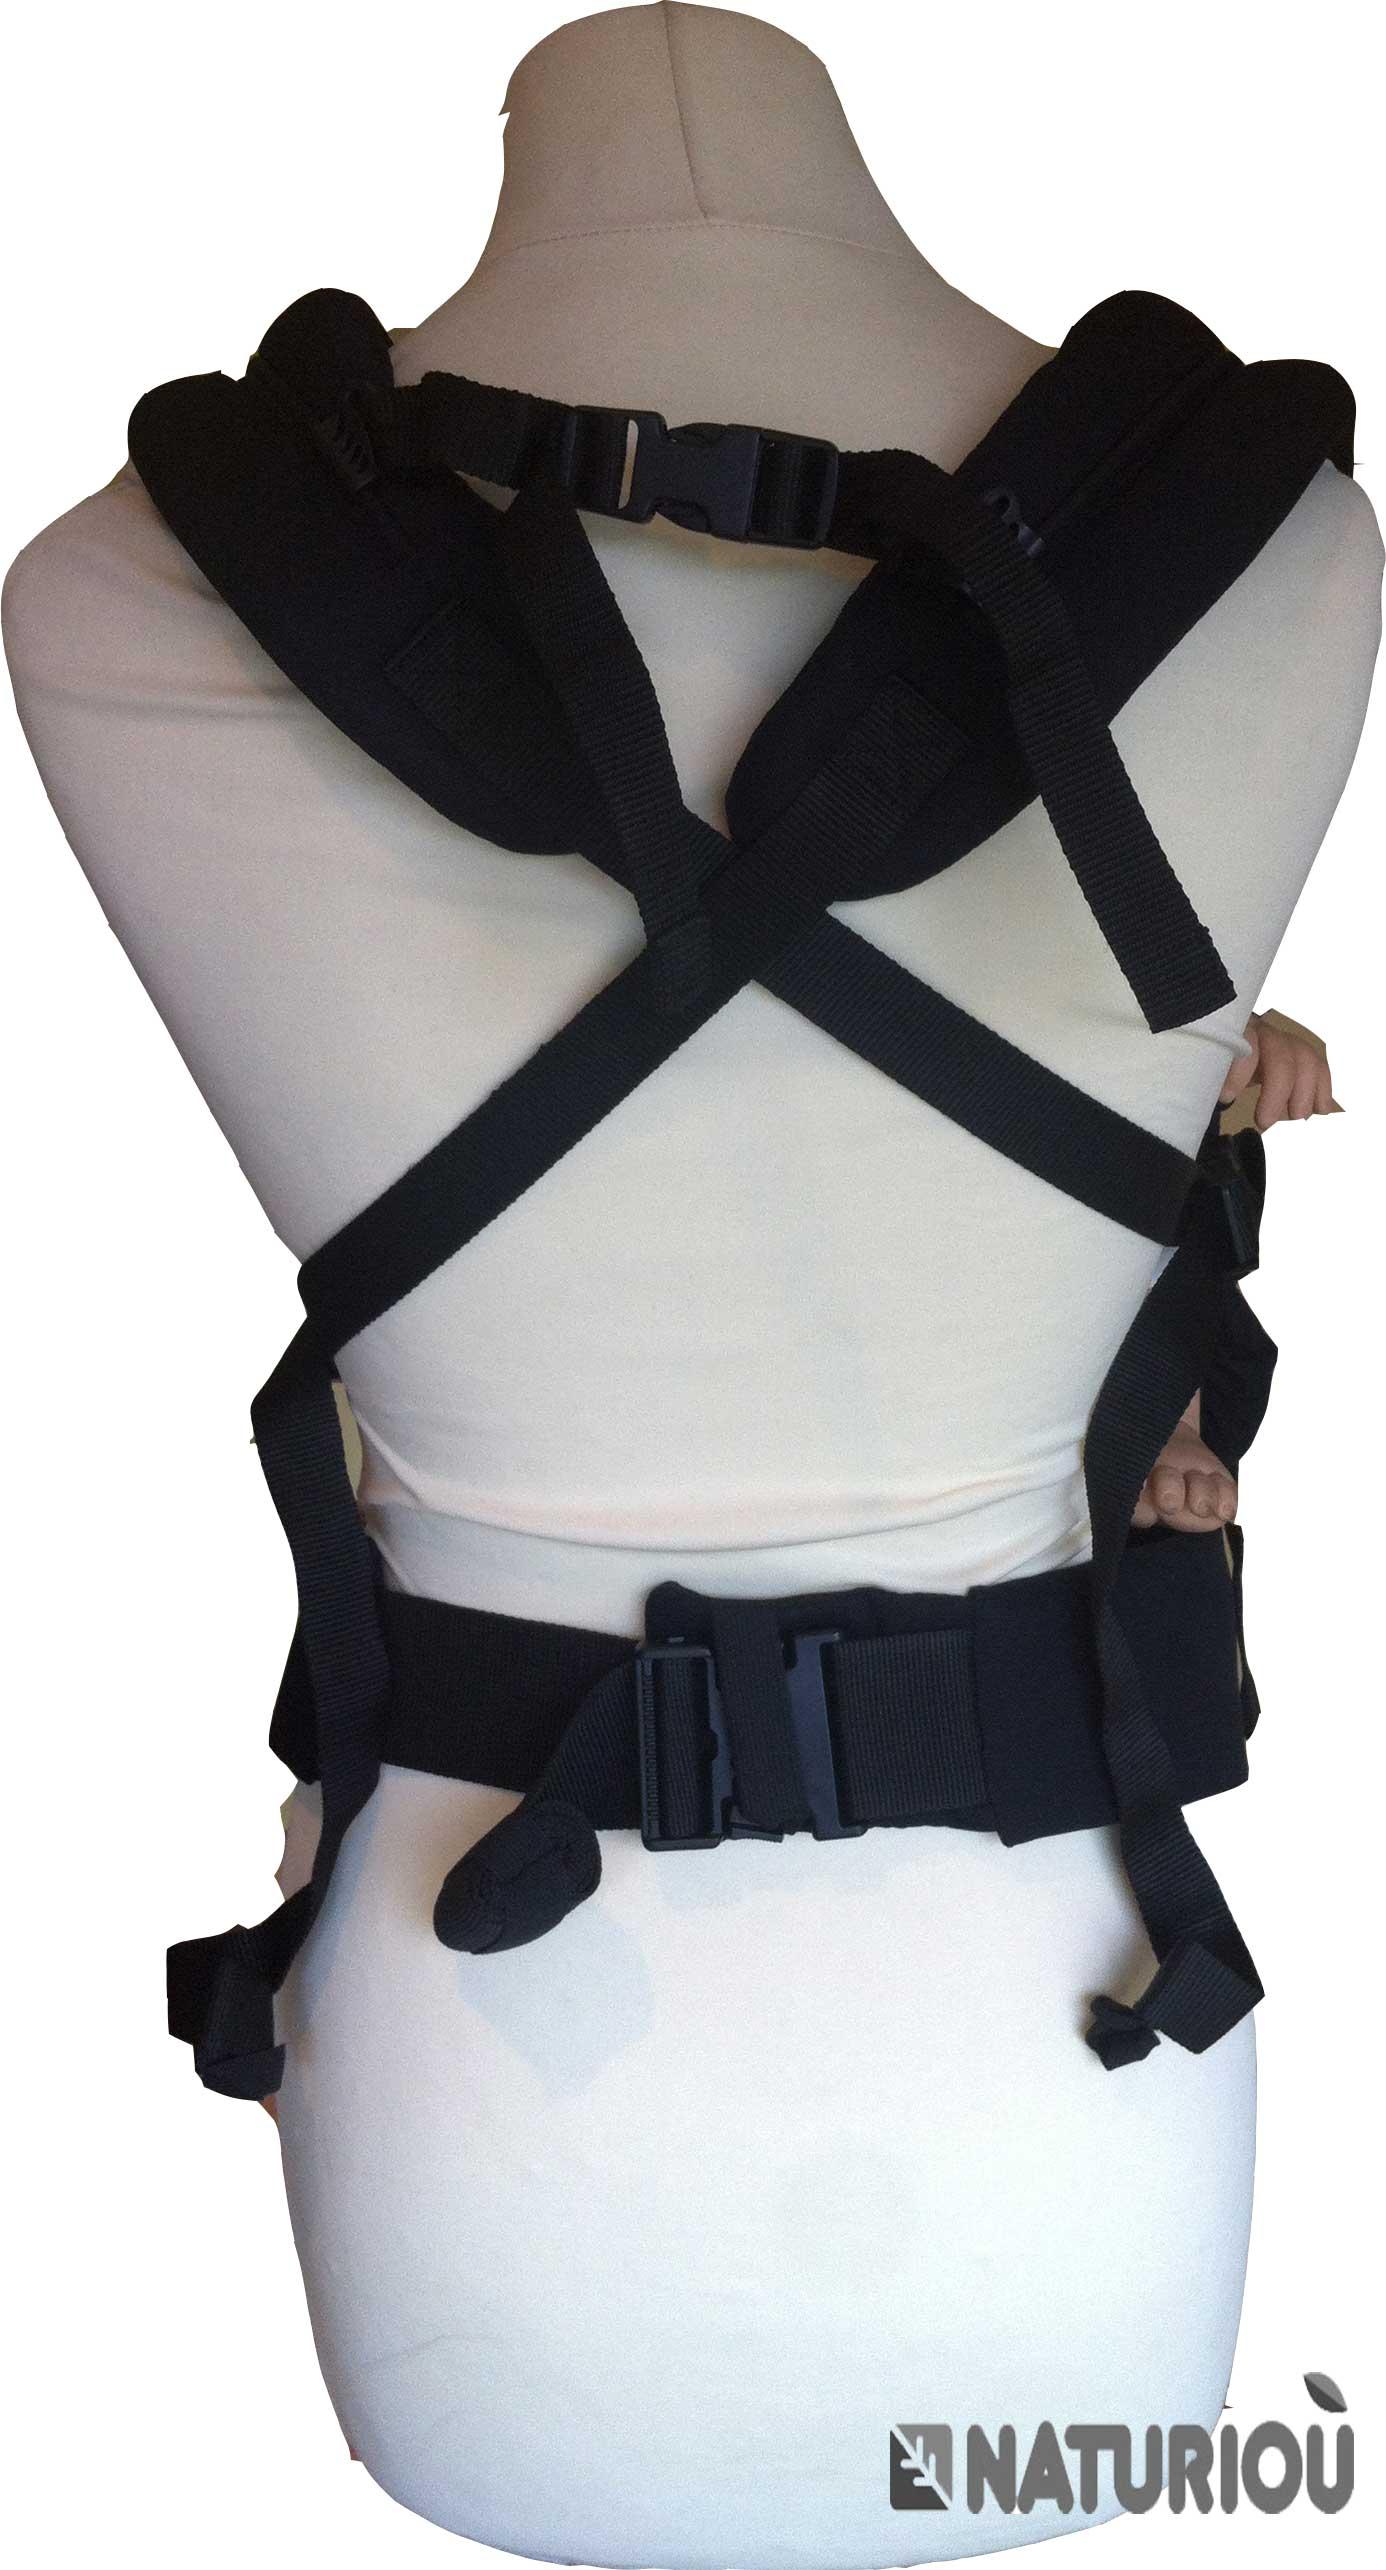 Croiser les bretelles de votre porte-bébé physiologique pour assurer plus de maintien